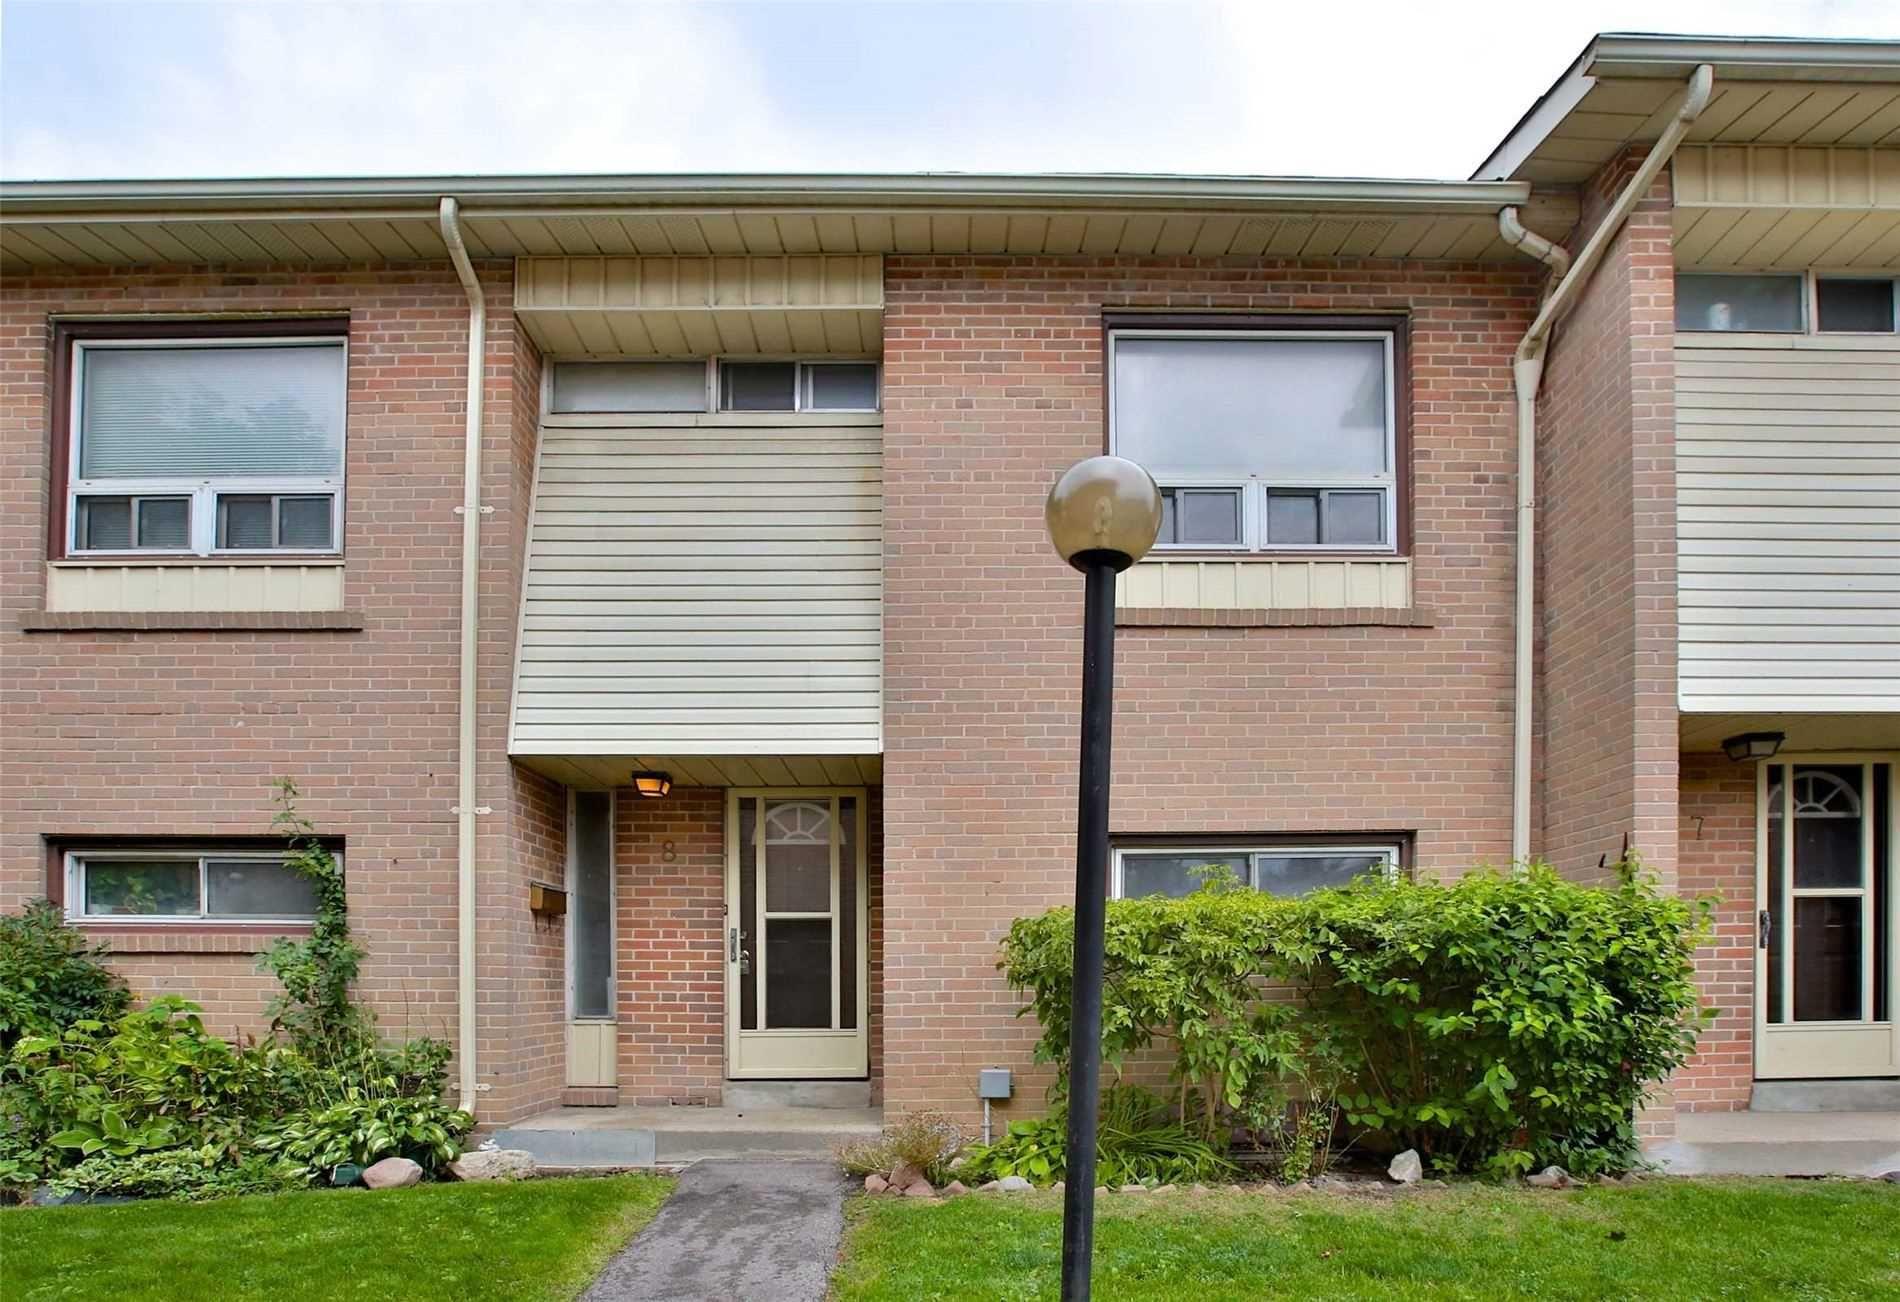 Photo 1: Photos: 8 695 Birchmount Road in Toronto: Kennedy Park Condo for sale (Toronto E04)  : MLS®# E4600623